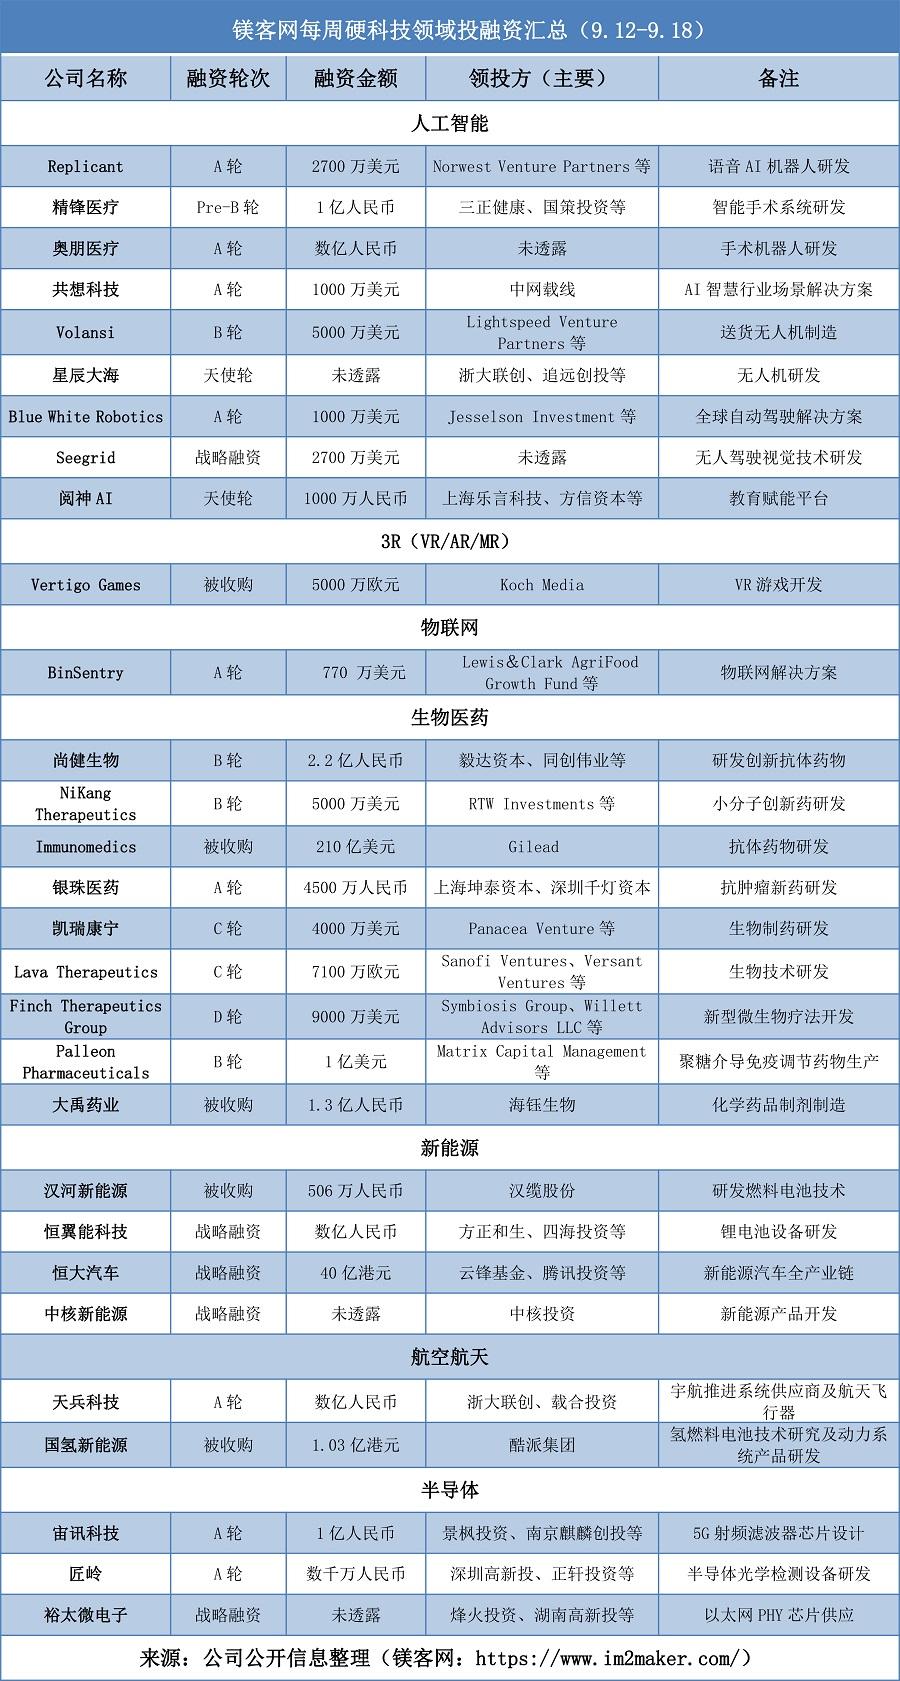 恒大汽车计划科创板上市,马云、马化腾提前入场| 镁客网每周硬科技领域投融资汇总(9.12-9.18)